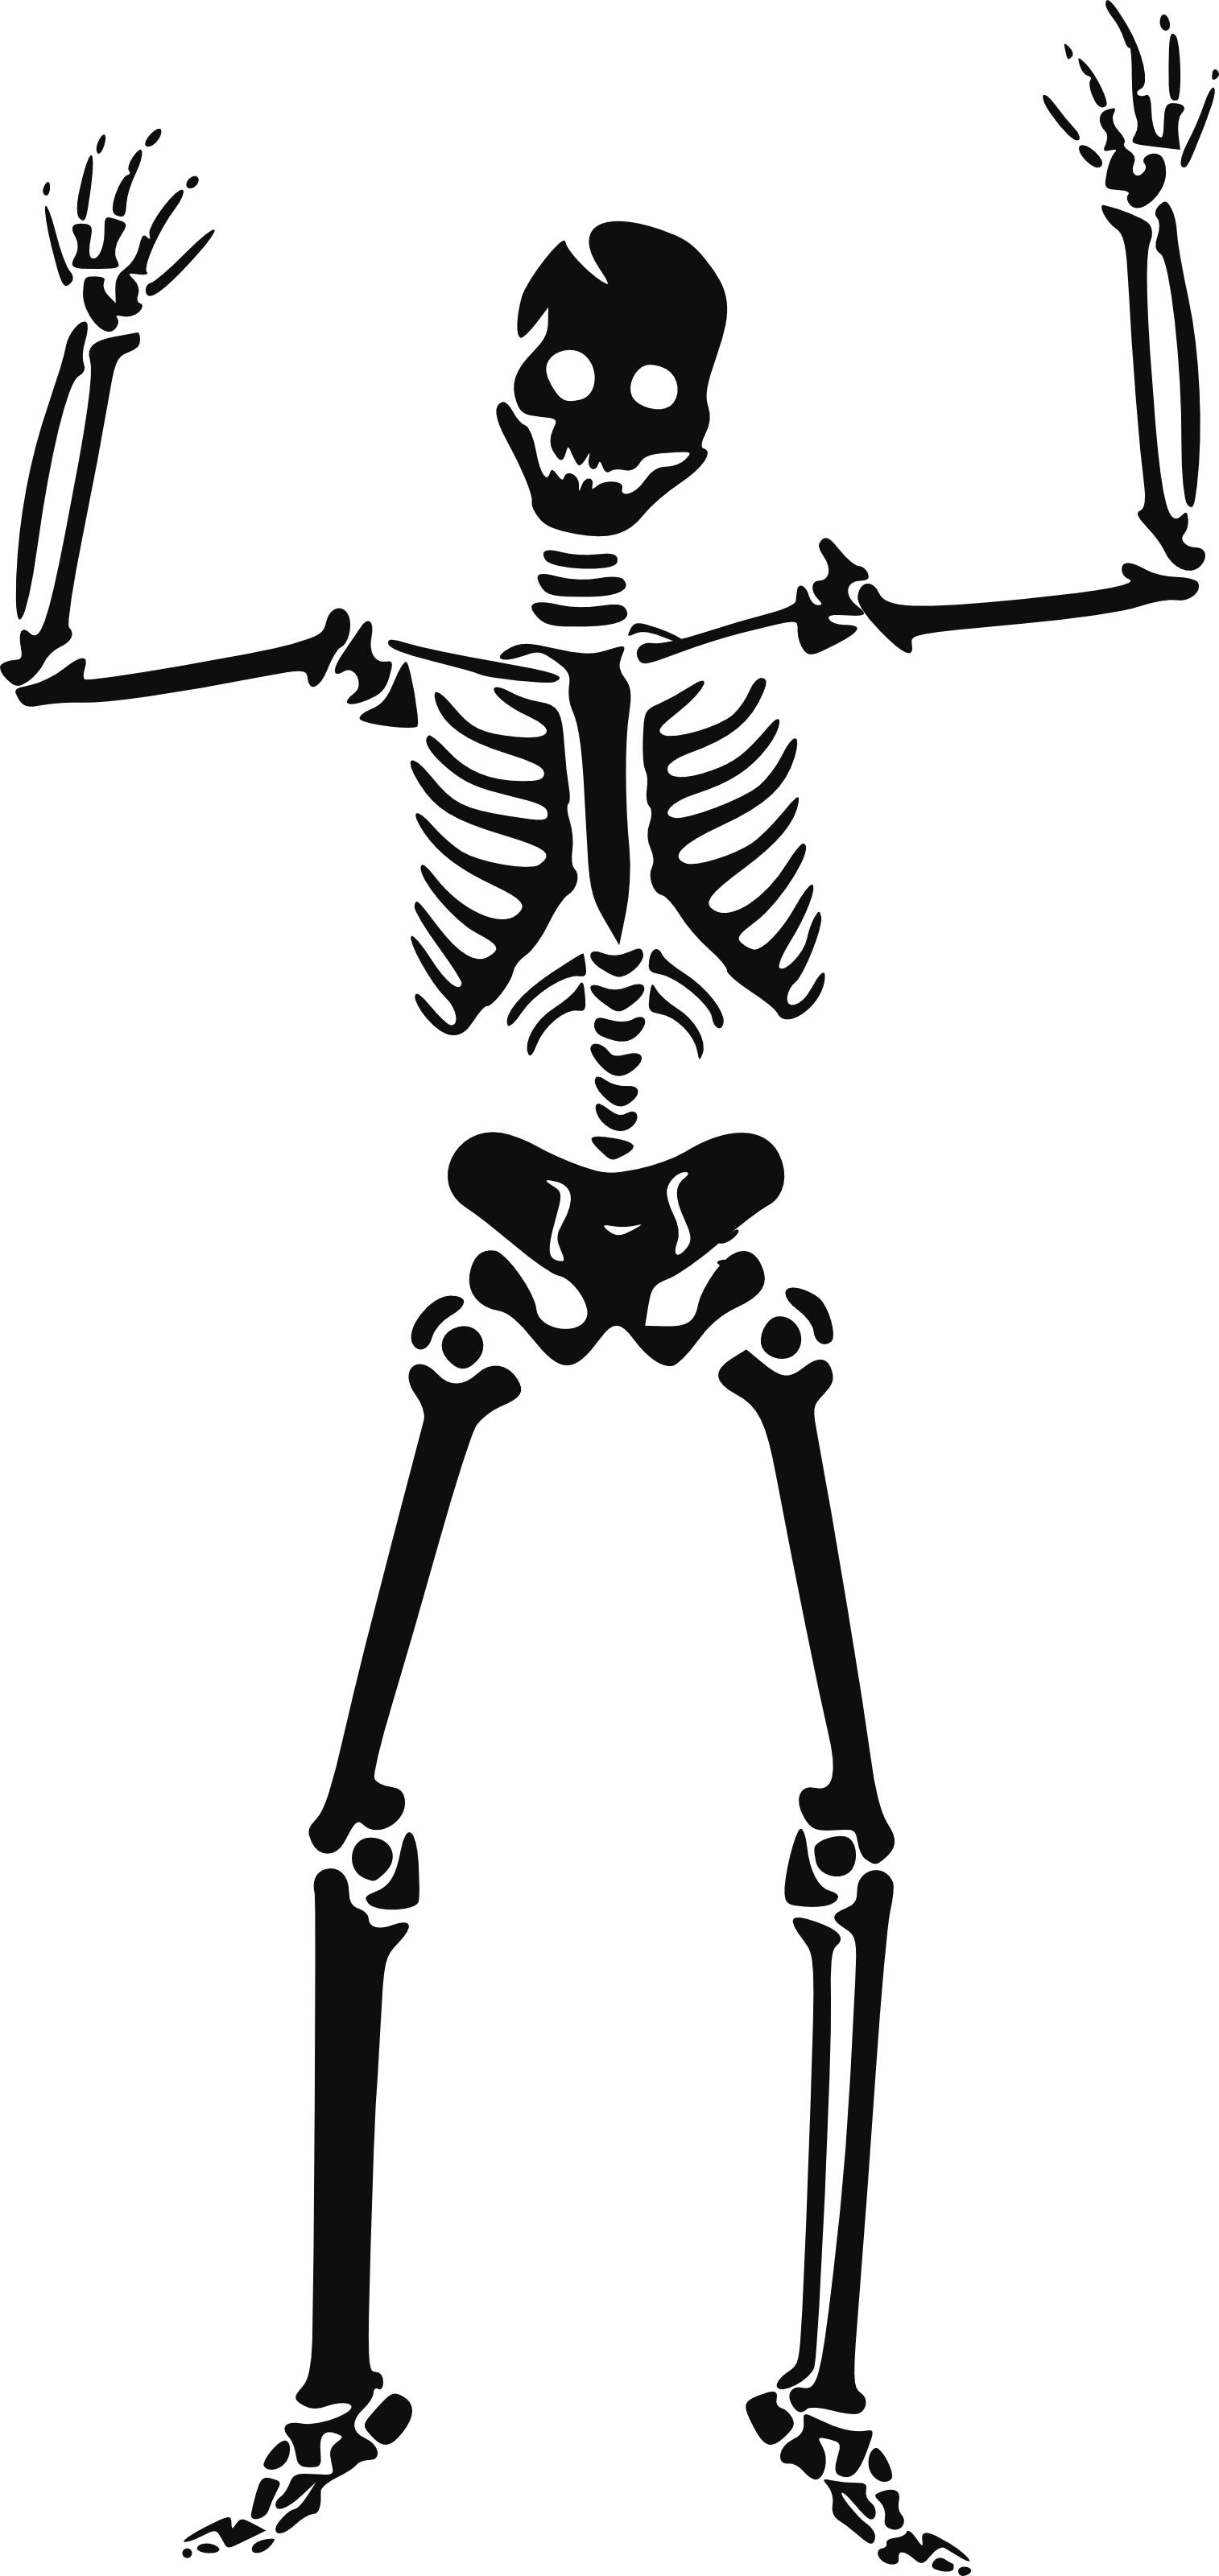 Images For Dancing Skeleton Clip Art.